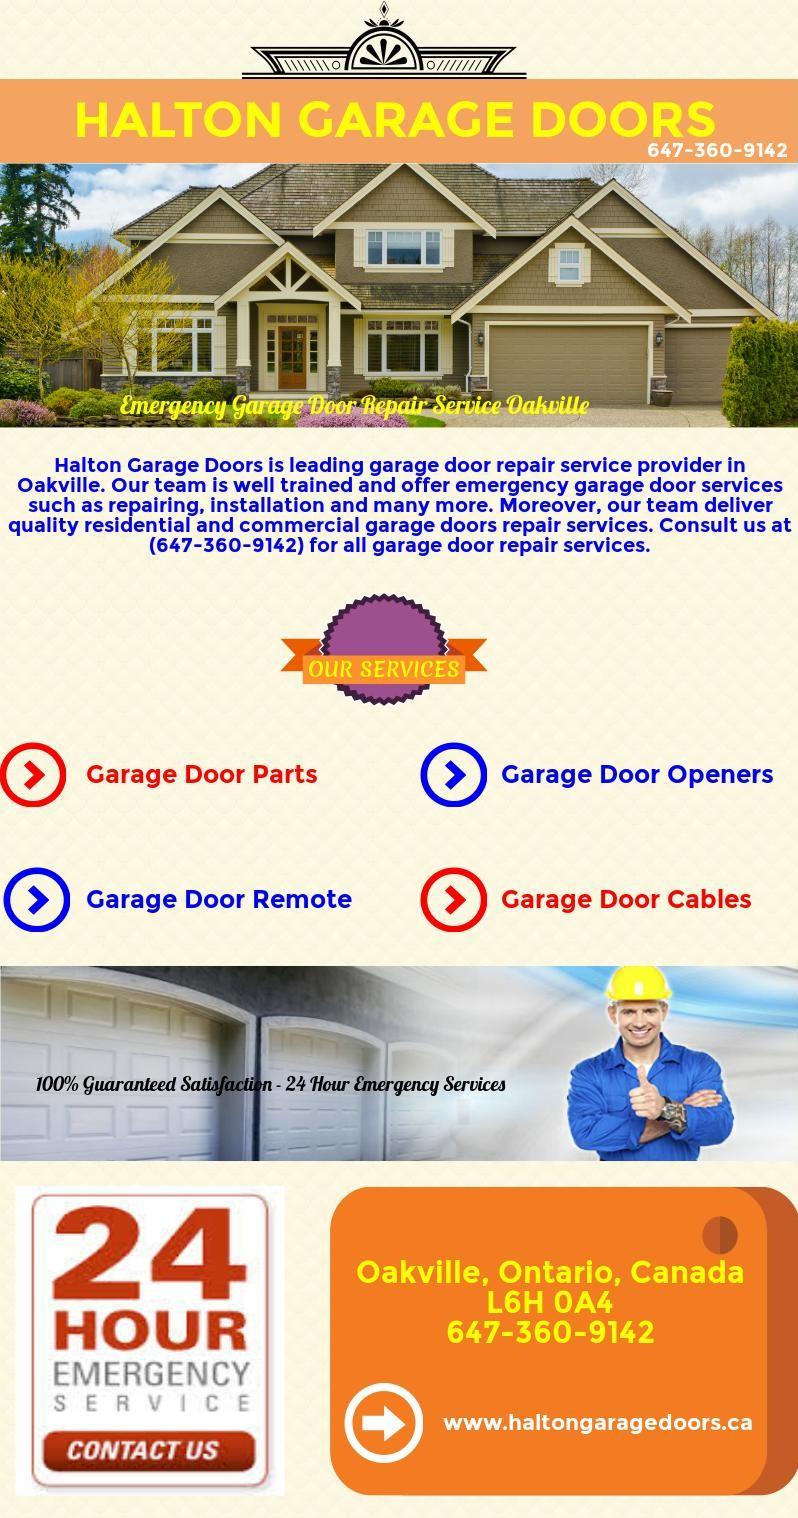 Emergency Garage Door Repair Service Oakville Free